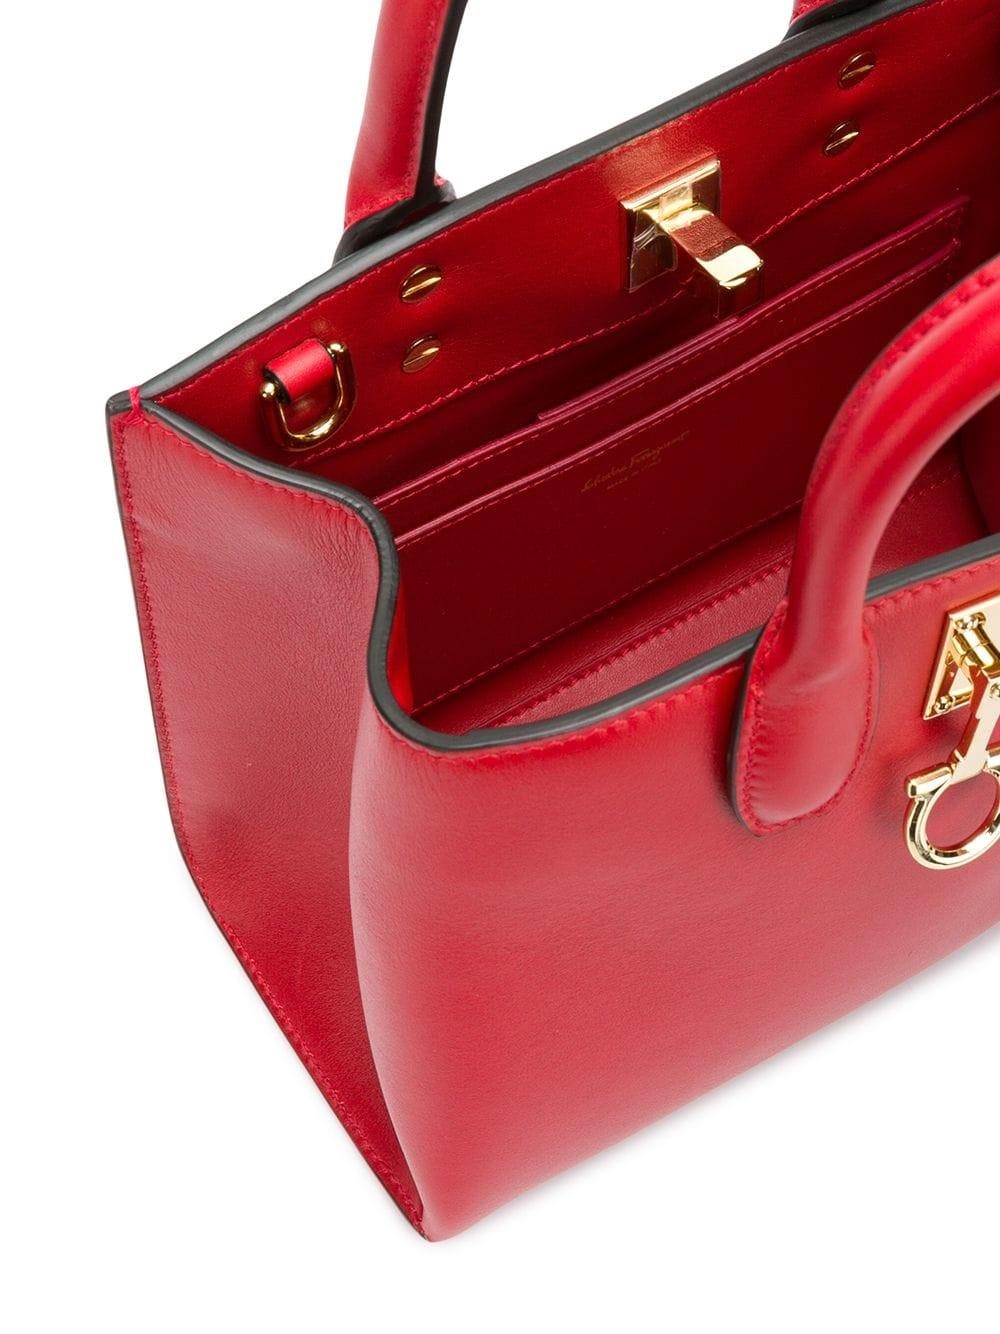 8887e38280 salvatore ferragamo GANCIO TOTE BAG available on montiboutique.com ...